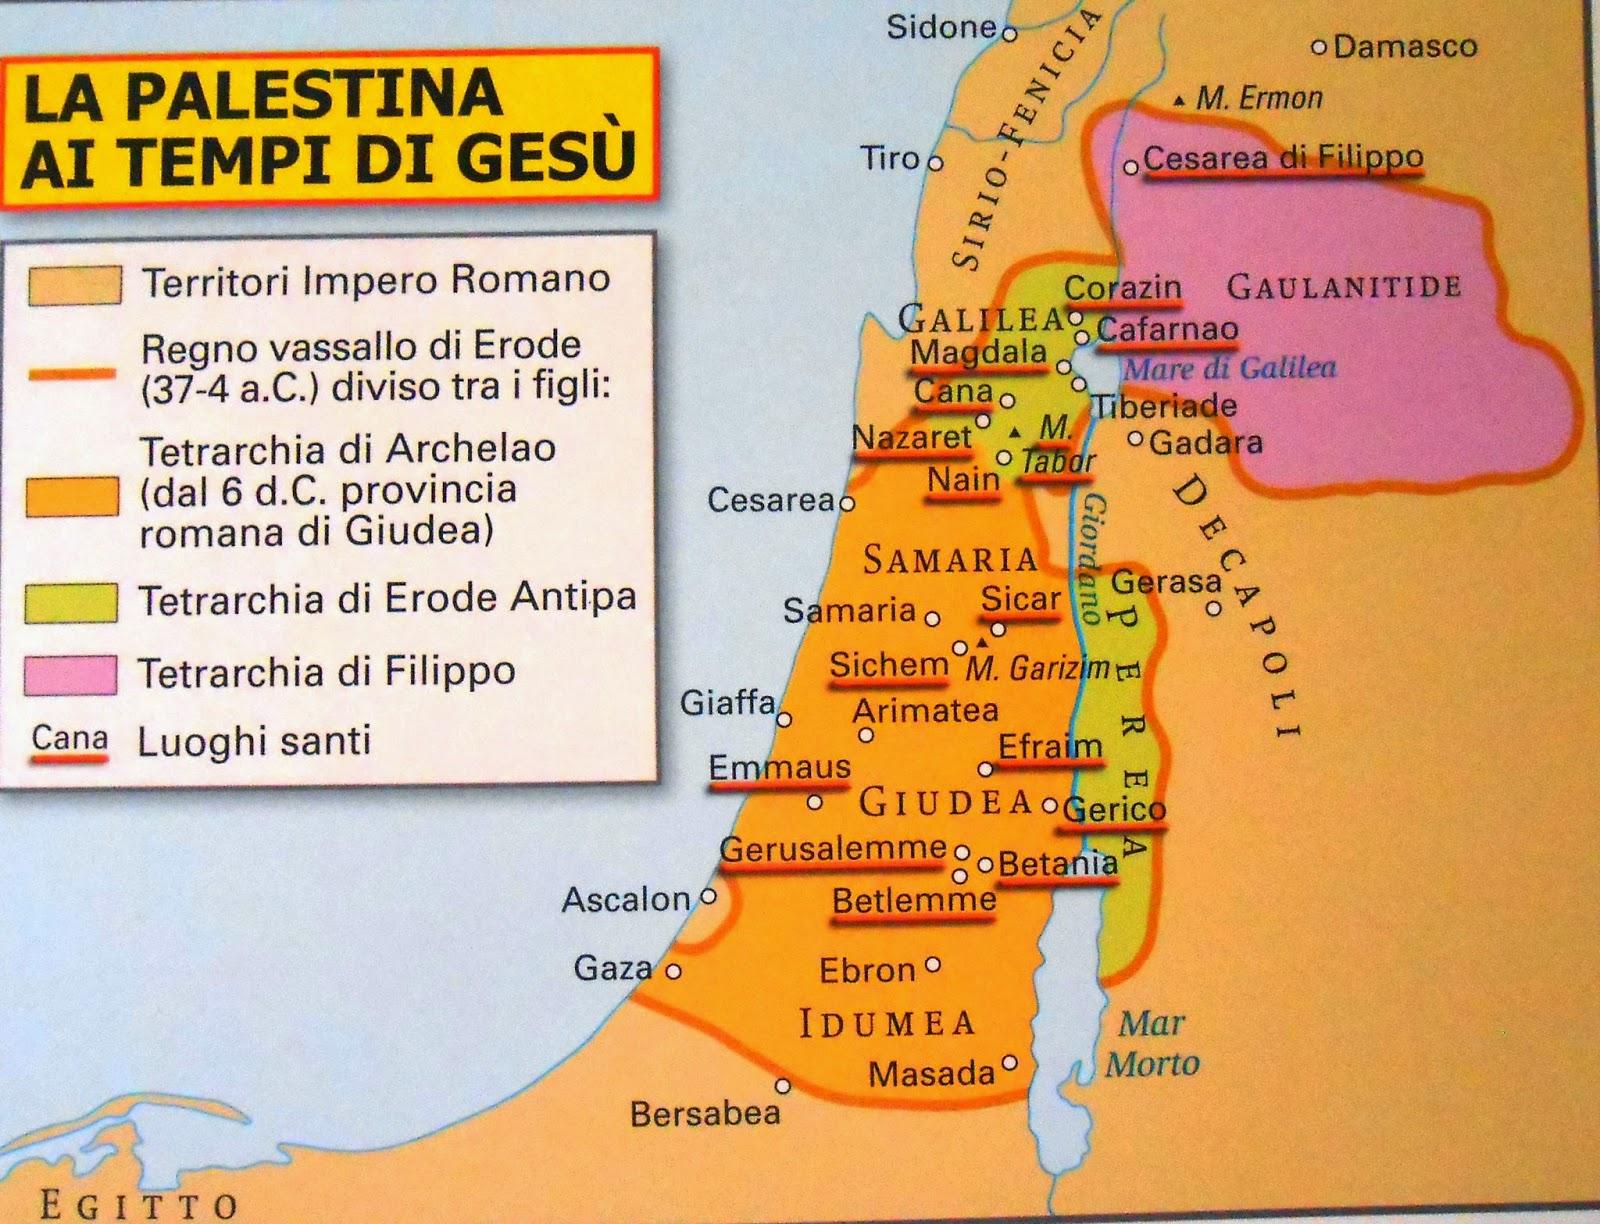 spesso IdRNicFi: La Palestina ai tempi di Gesù RP36